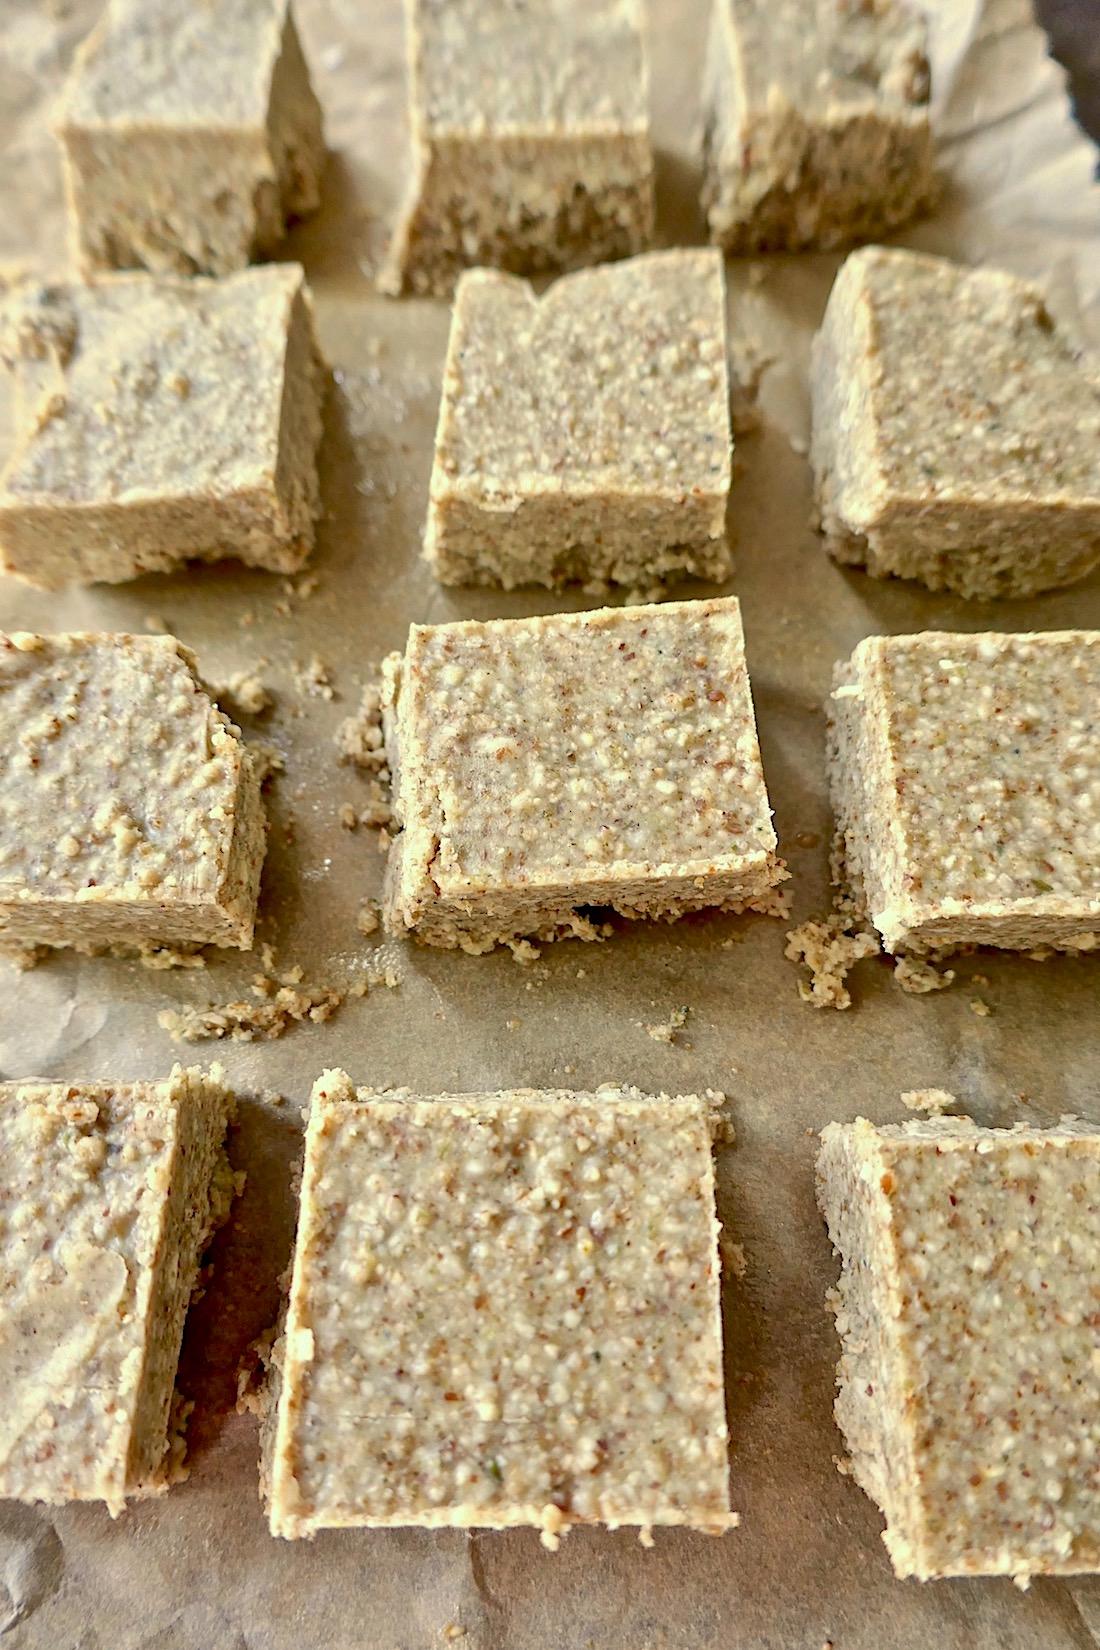 Nut free seed bars